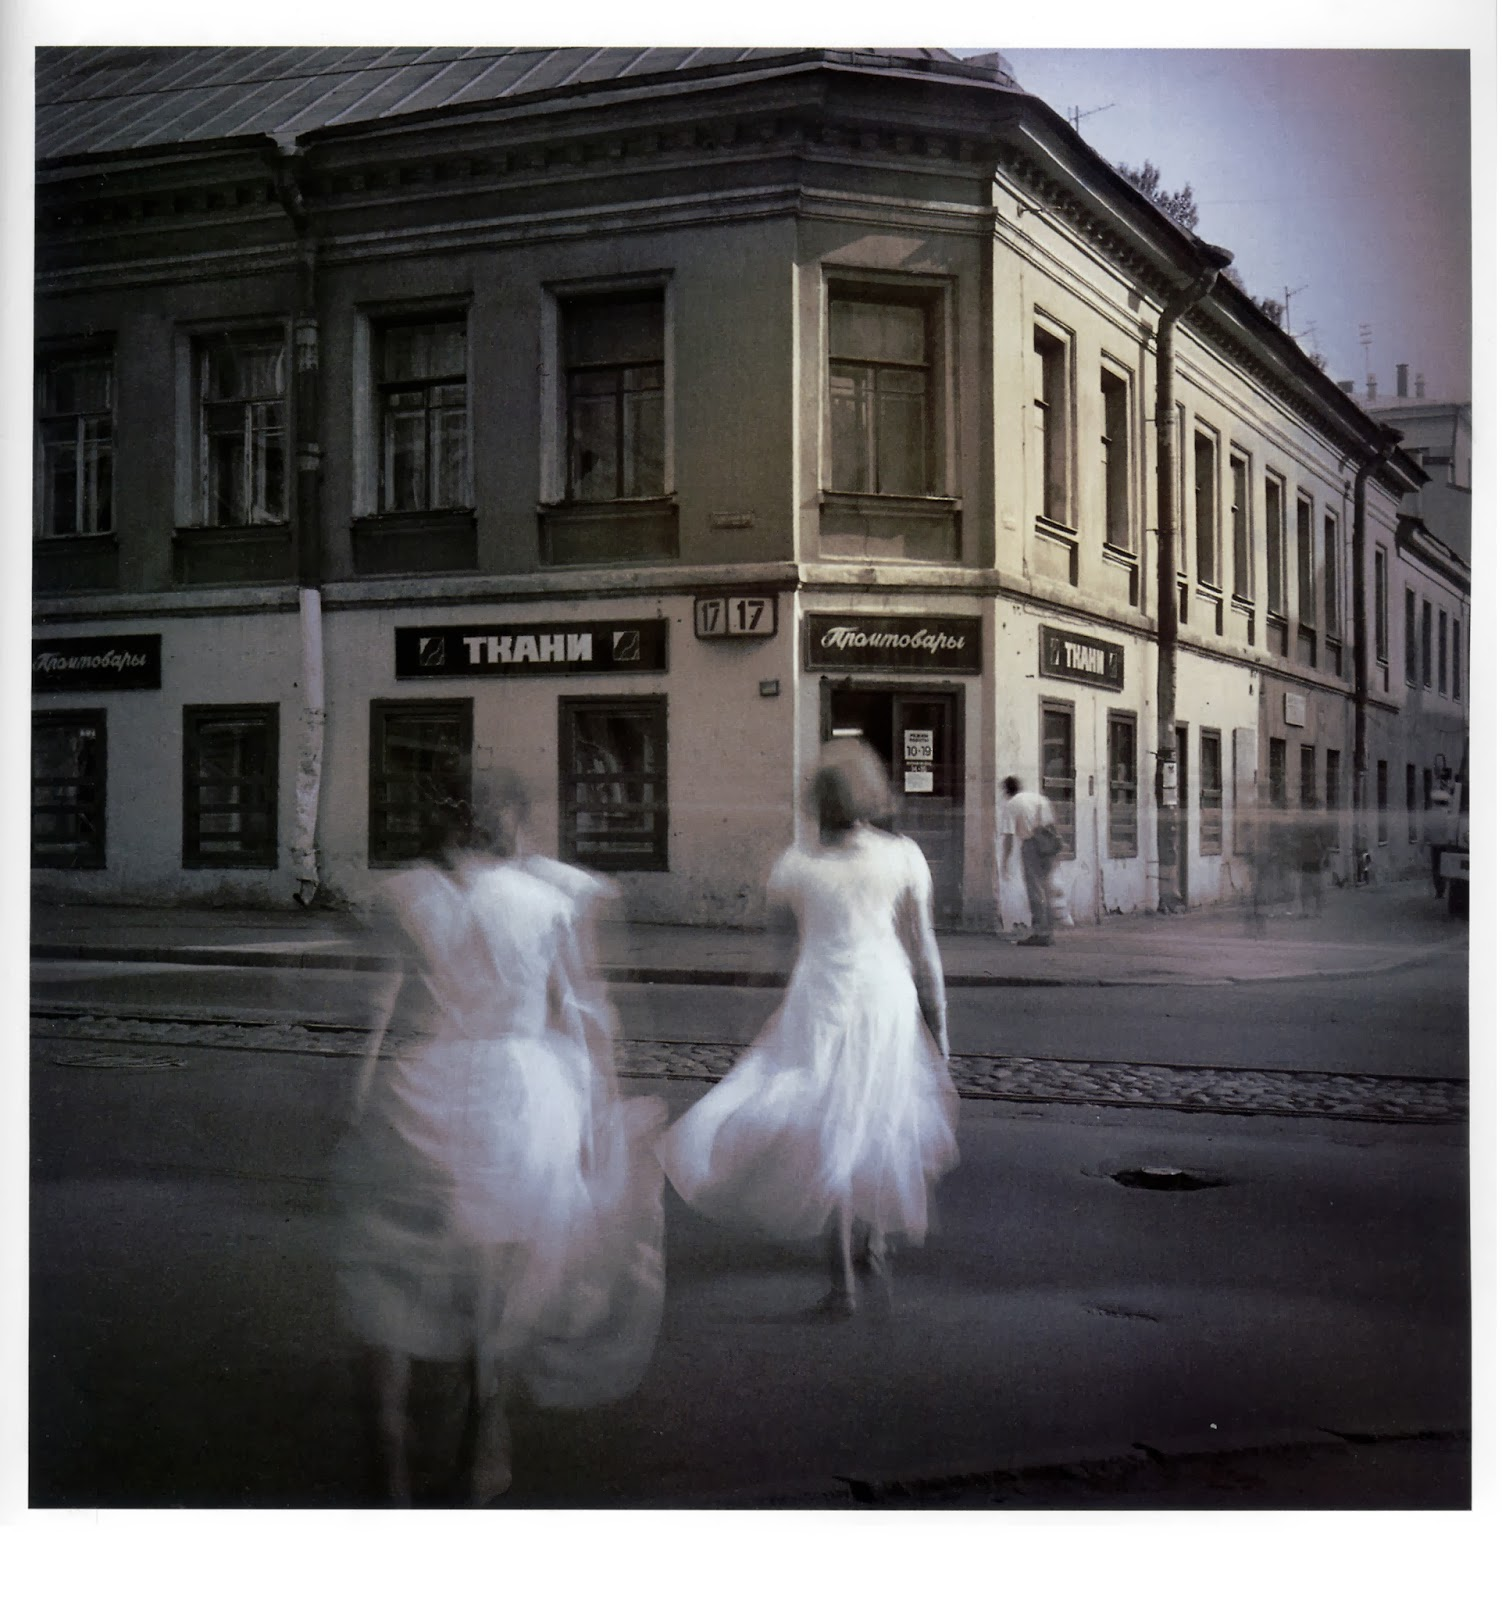 4666428a639 Για αυτή τη σειρά, που ονόμασα «Λευκές και μελανές μαγείες της Αγίας  Πετρούπολης», χρειάστηκε να καταφύγω σε τεχνικές τονισμού των φωτογραφιών.